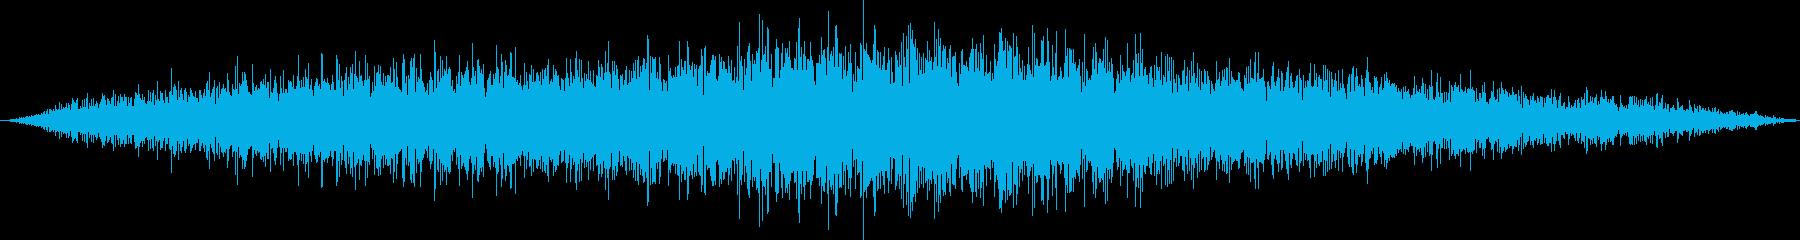 DC4 FOUR ENGINE P...の再生済みの波形